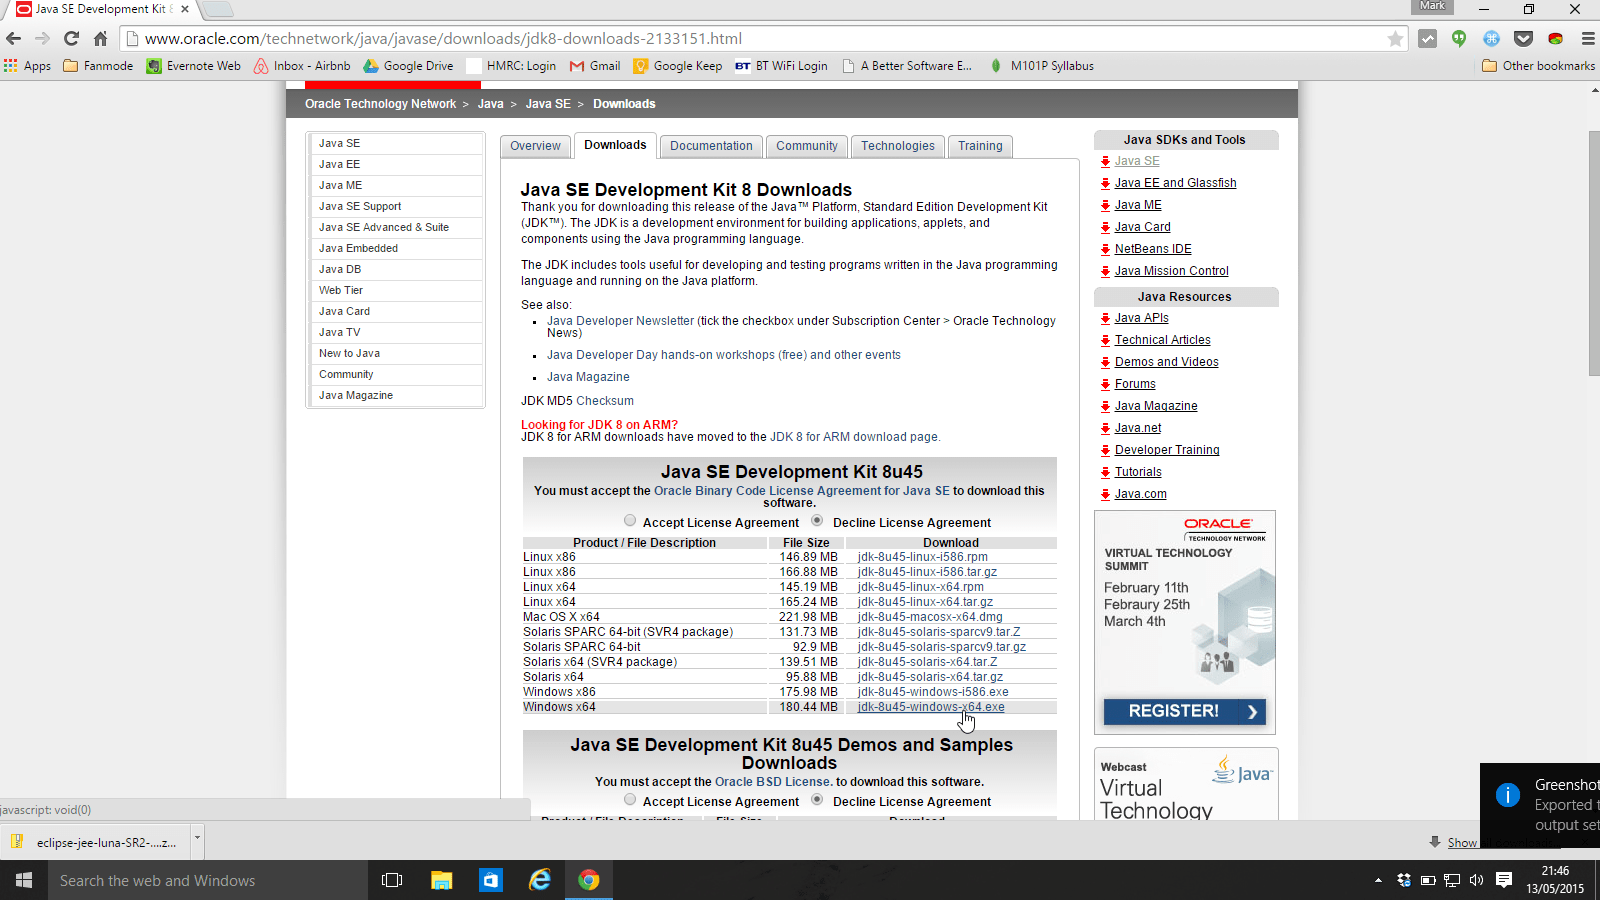 8U45 JRE 64 JAVA BIT TÉLÉCHARGER